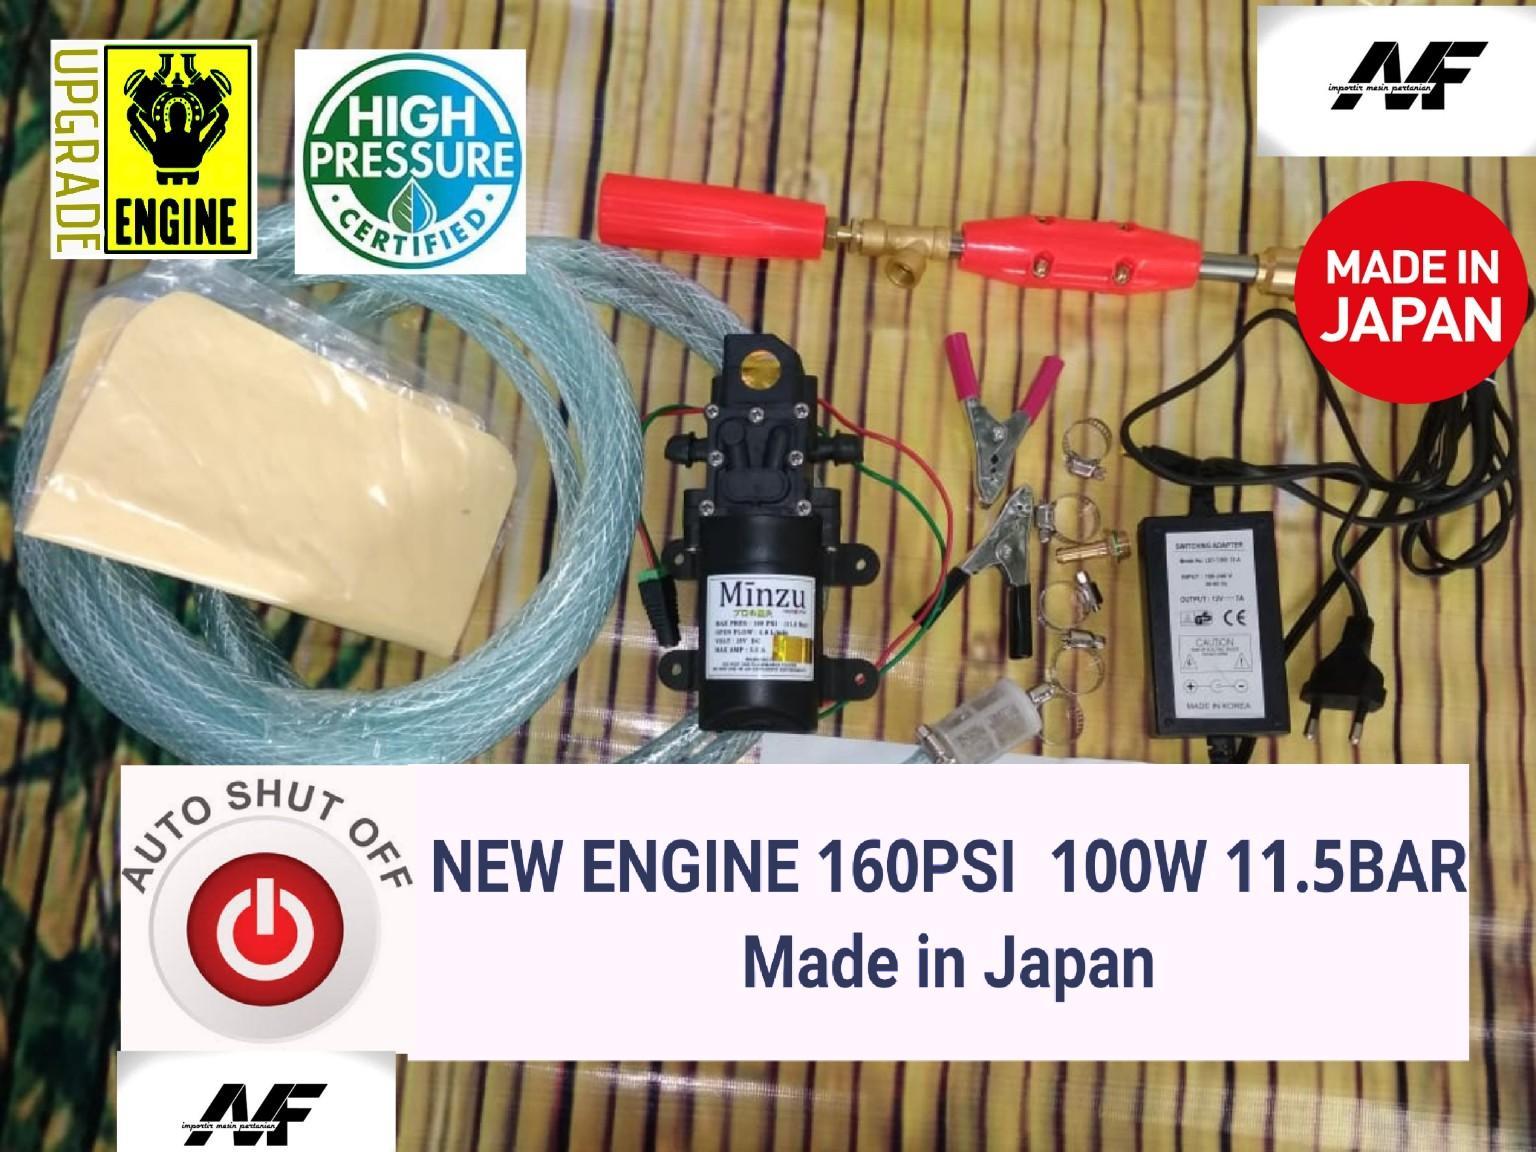 Mesin Terbaru 160PSI 100W 6.0LPM  & Adaptor Laptop 12V 7.0A Alat Cuci Motor Kualitas Dijamin Memuaskan